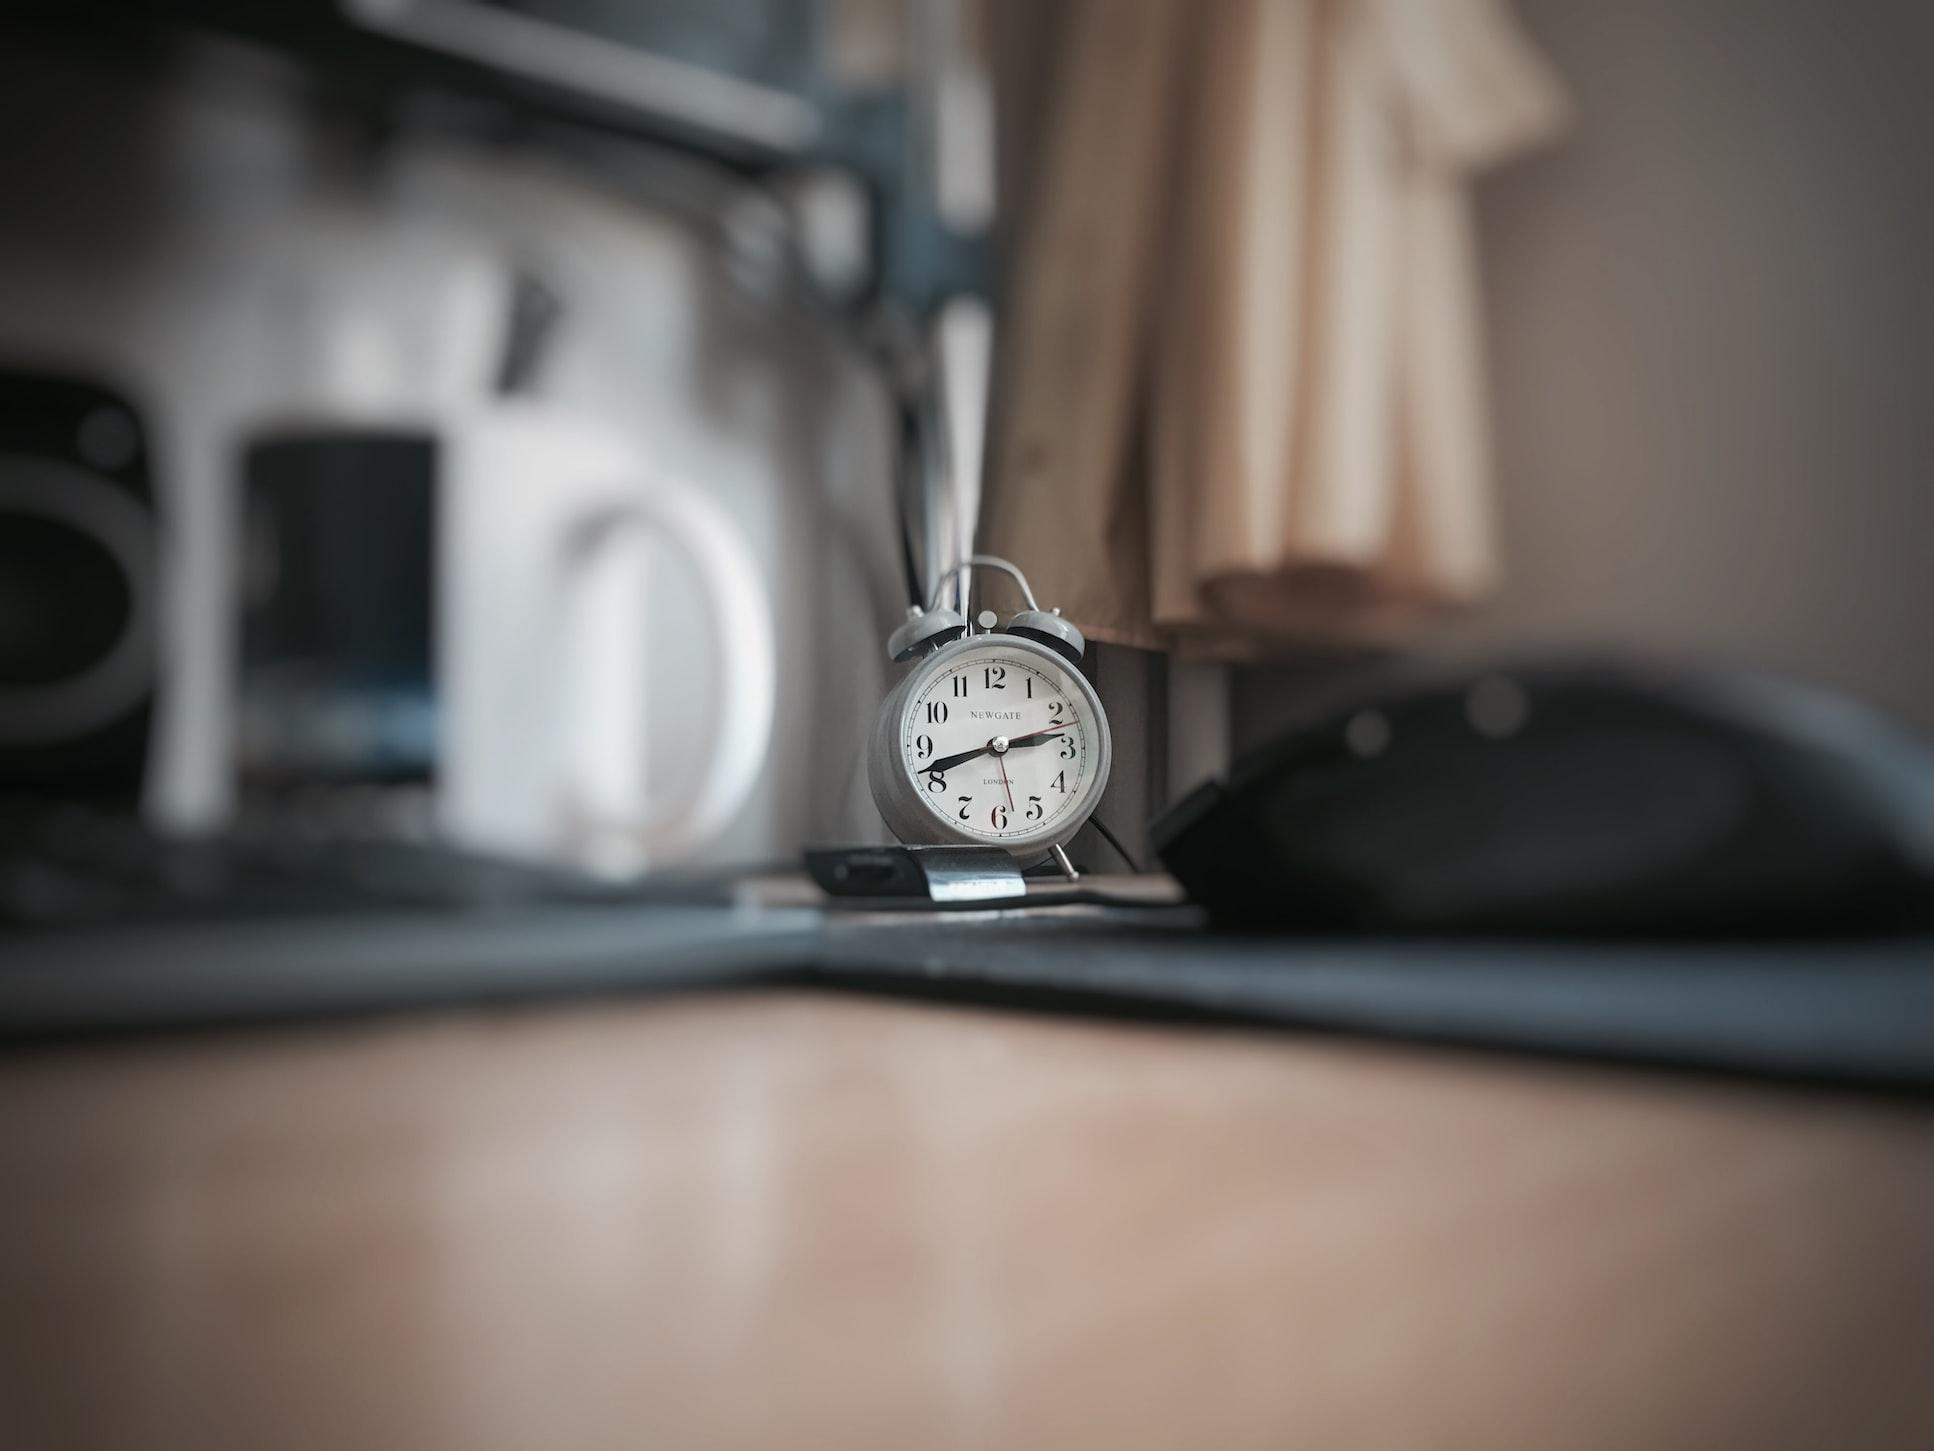 【状況別】隙間時間に効率良く勉強する方法